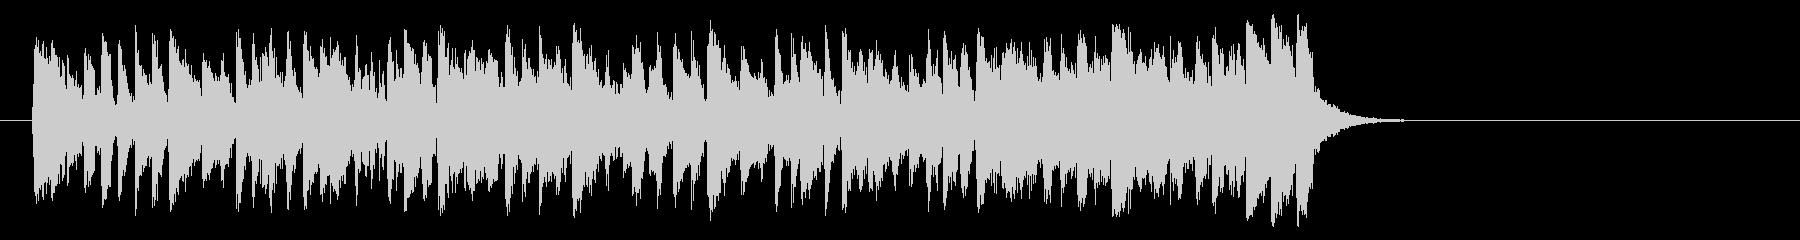 夏のフュージョンポップ(サビ)の未再生の波形